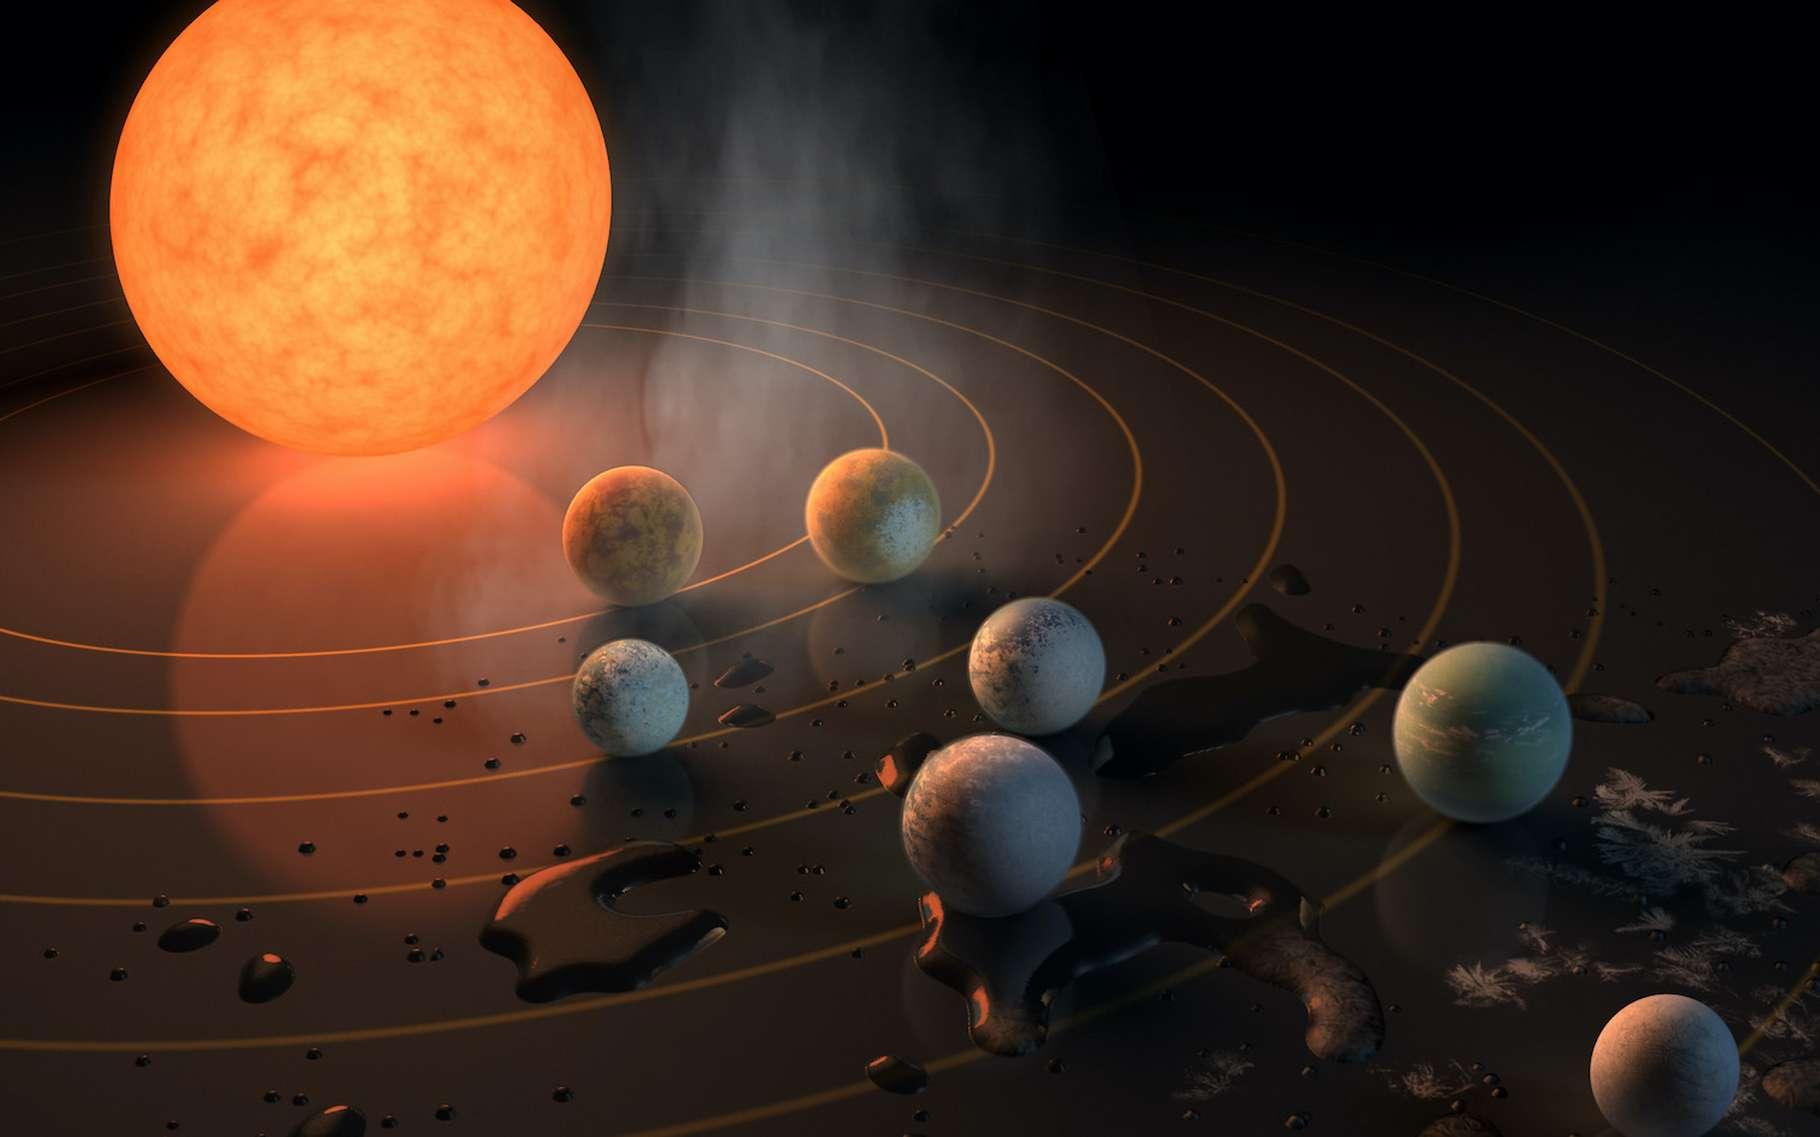 Sur cette vue d'artiste, le système planétaire Trappist-1, le seul découvert pour l'instant comptant presque autant de planètes que notre Système solaire. Selon des chercheurs de l'Institut Niels Bohr (Danemark), il s'agirait là d'une condition à l'apparition de la vie. © Nasa